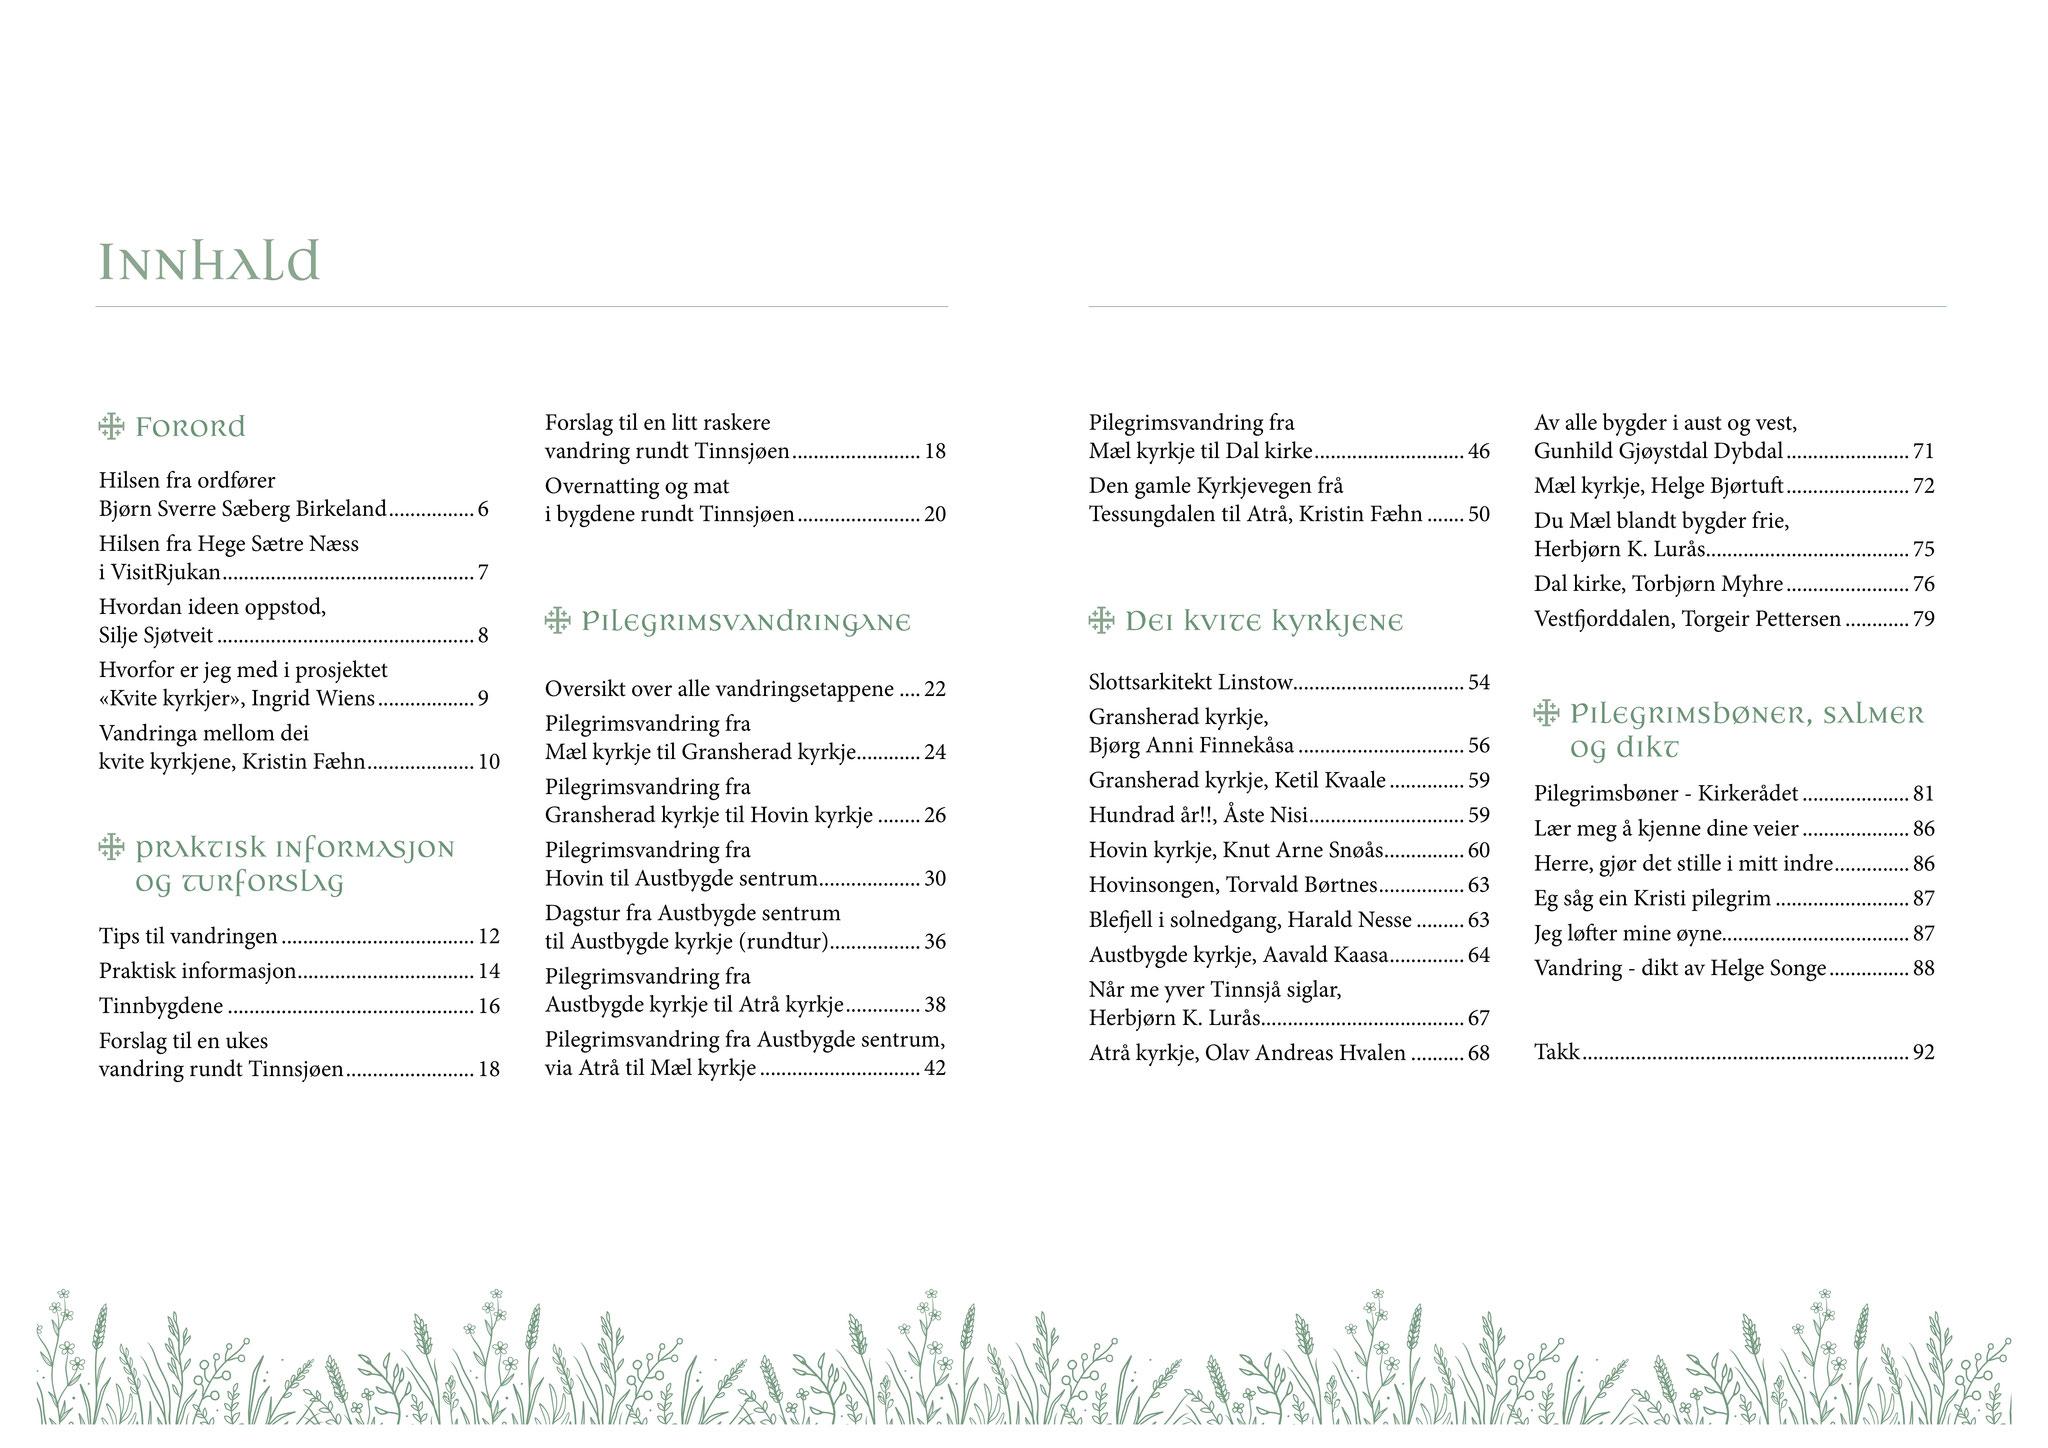 Guideboken kvitekyrkjer rundt Tinnsjøen - innholdsfortegnelse